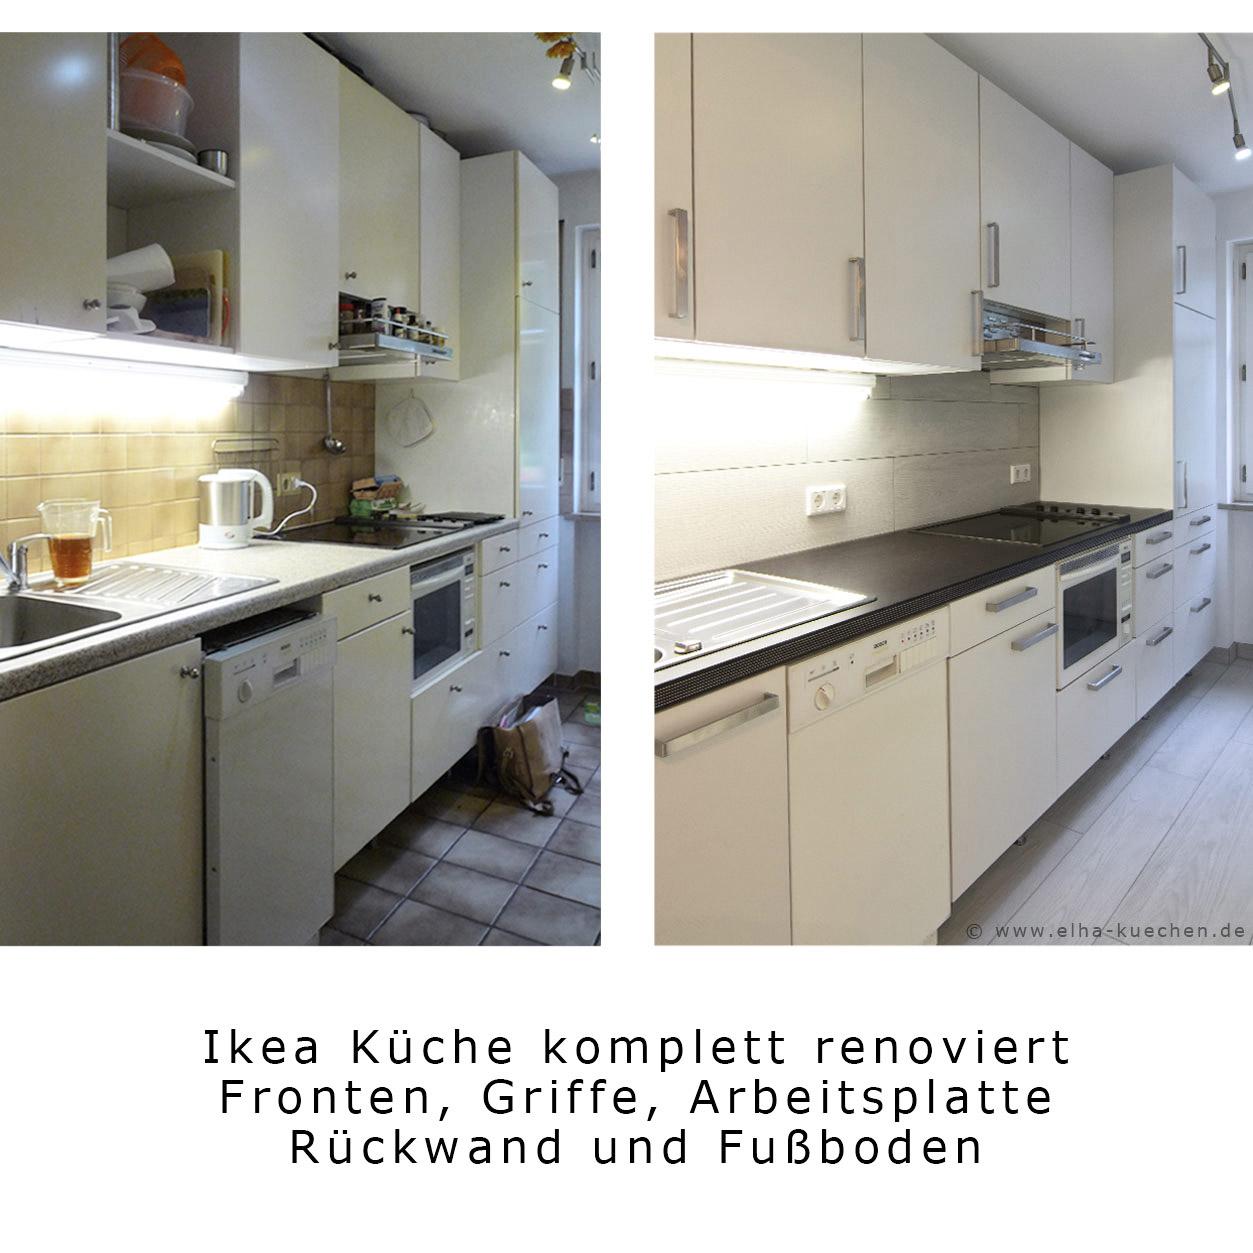 Full Size of Rückwand Küche Ikea Wir Renovieren Ihre Kche Kchenrenovierung Mnchen Fronten Grau Hochglanz Essplatz Stengel Miniküche Sideboard Einbauküche Gebraucht Wohnzimmer Rückwand Küche Ikea